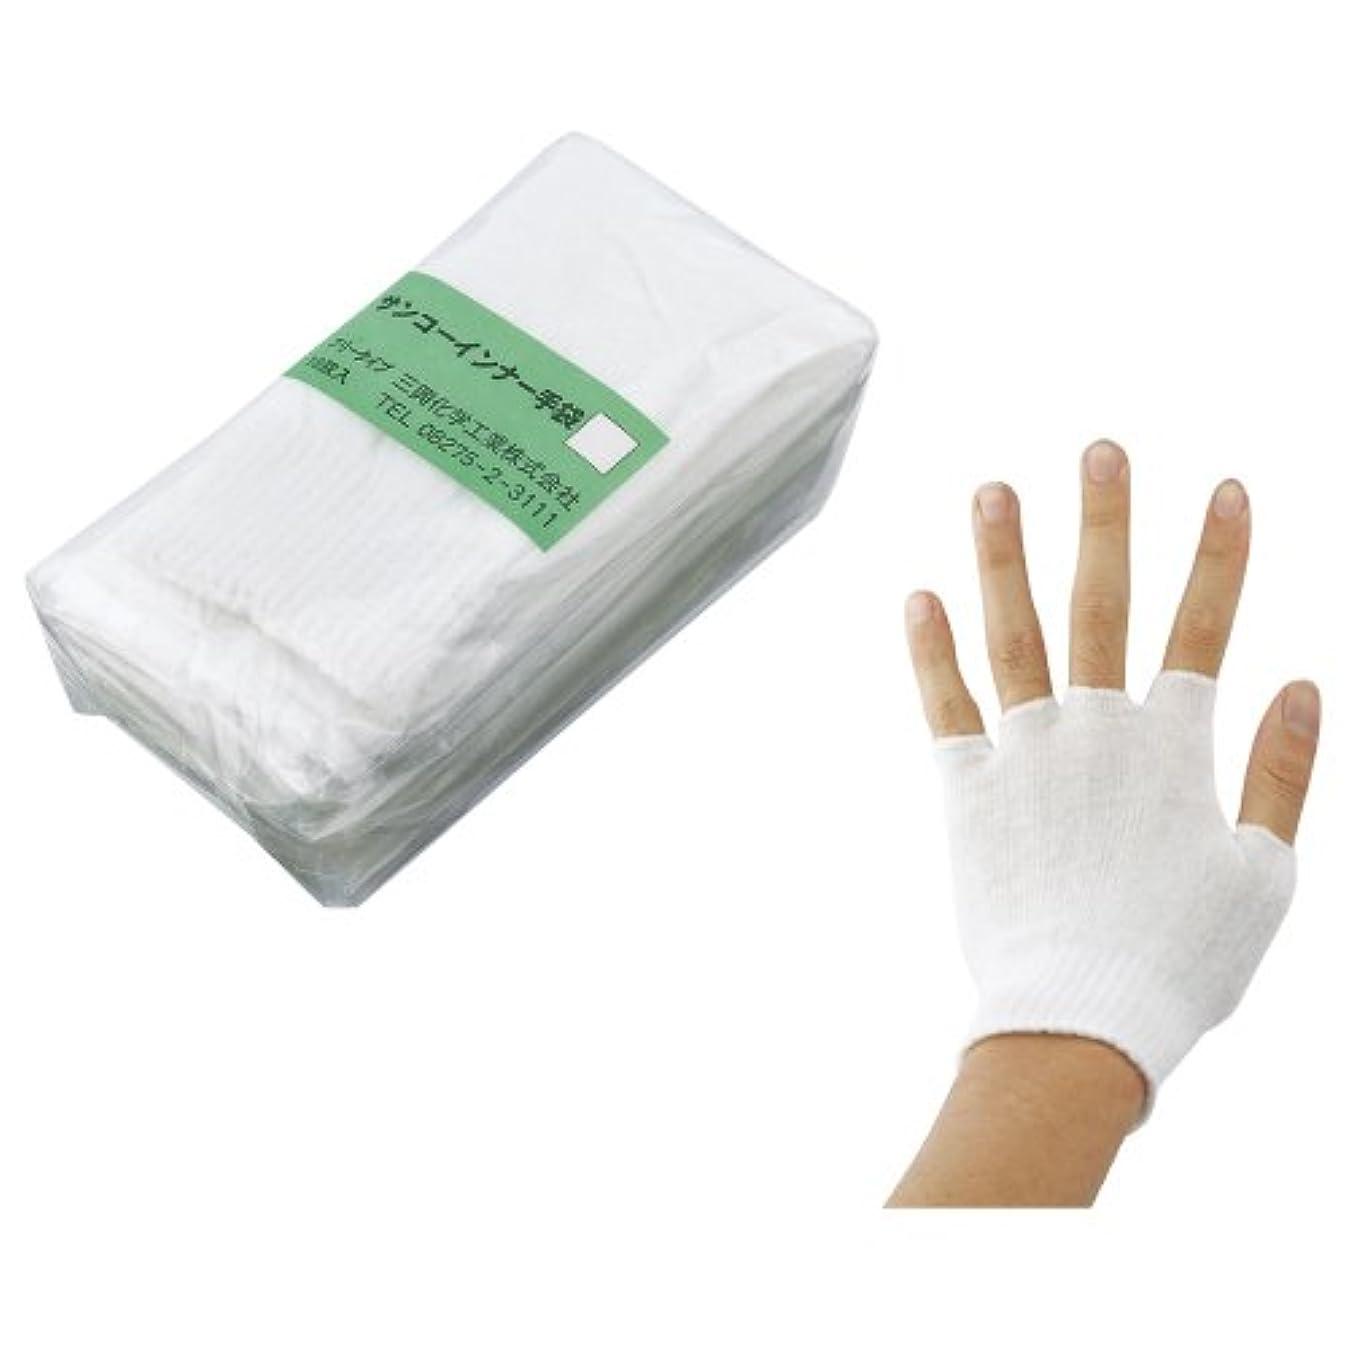 サンコーインナー手袋 (07-4732-00)